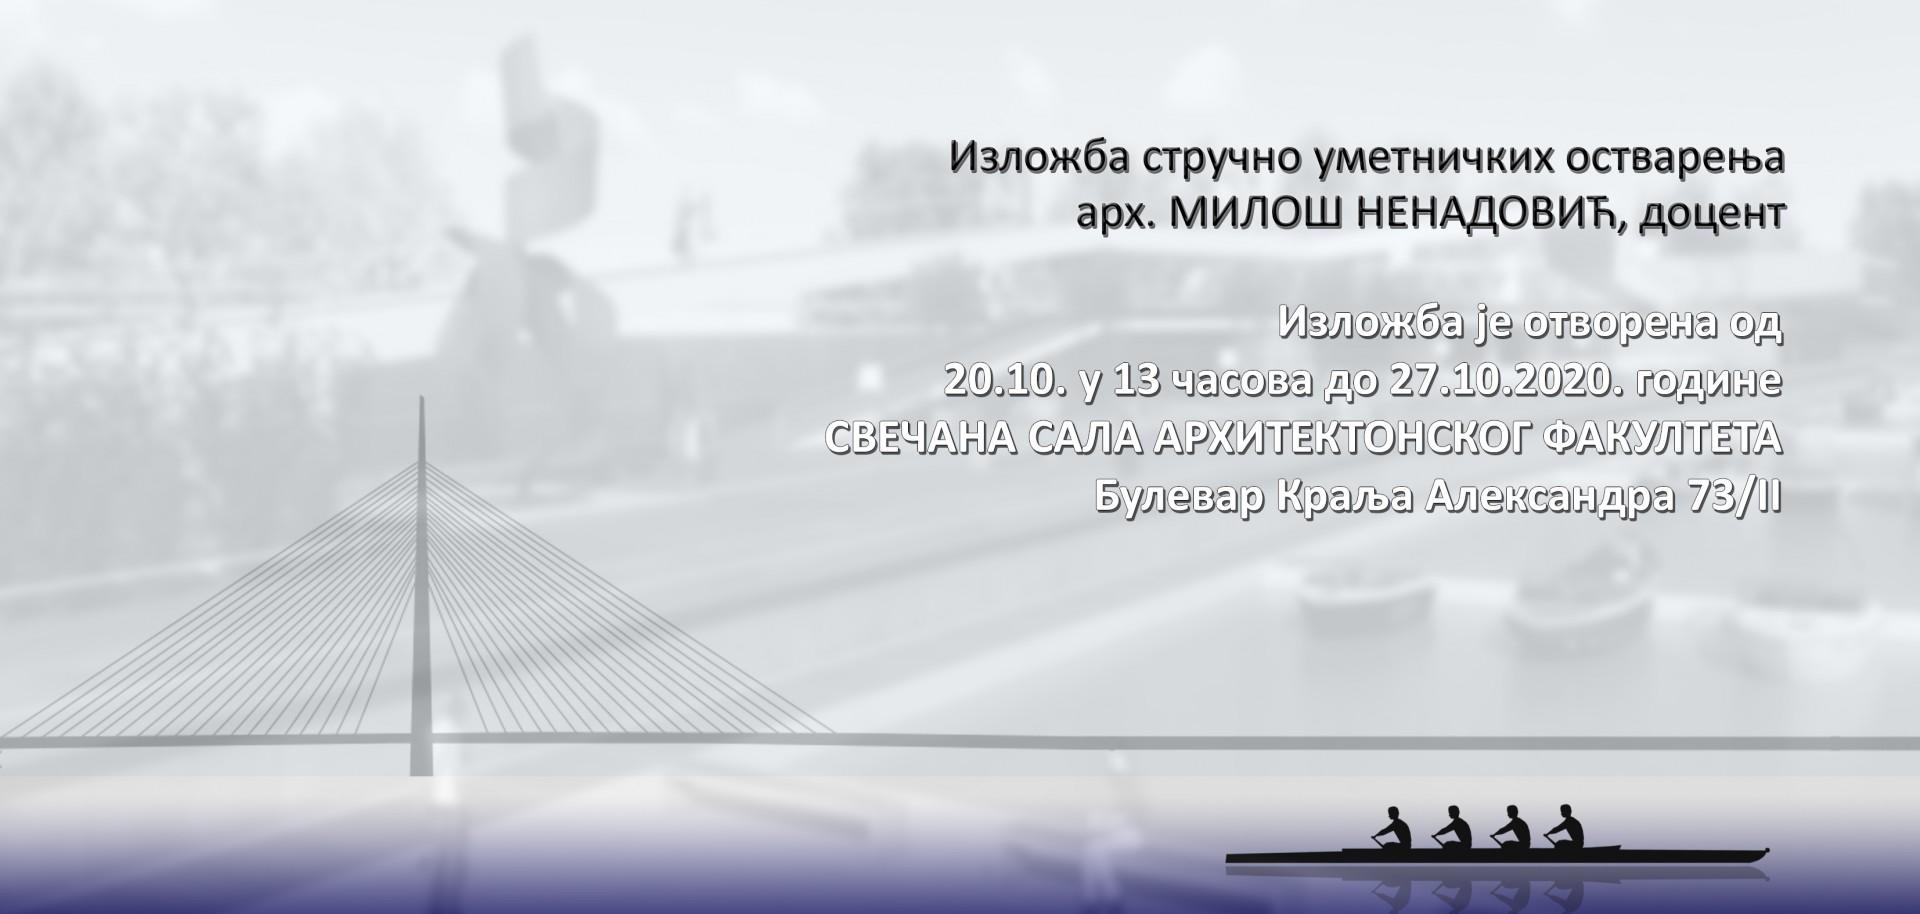 Изложба стручно-уметничких остварења доцента арх. Милоша Ненадовића